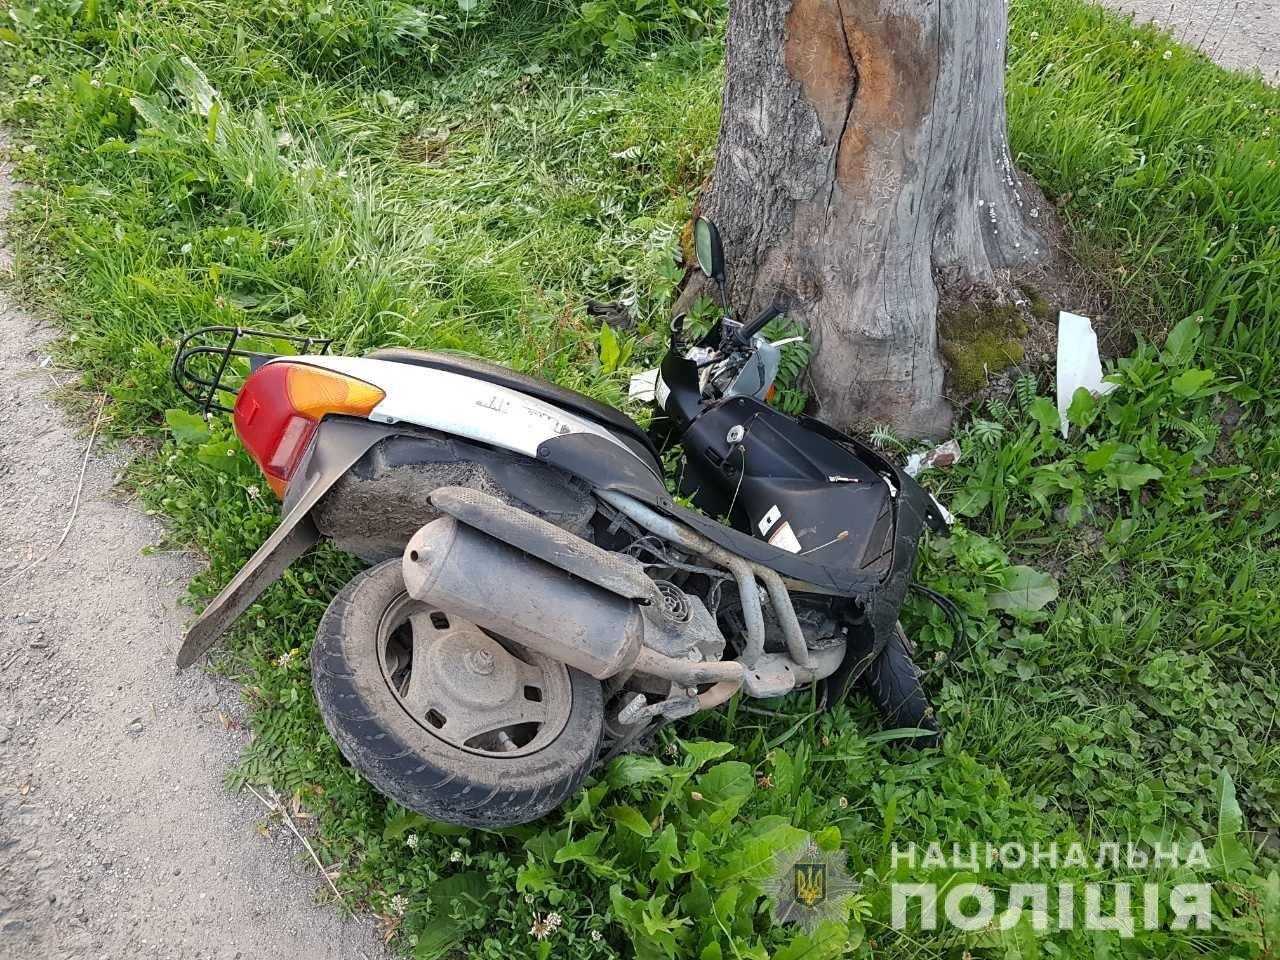 На Закарпатті одна за другою стались дві ДТП за участі мотоциклістів - одна з них смертельна (ФОТО), фото-1